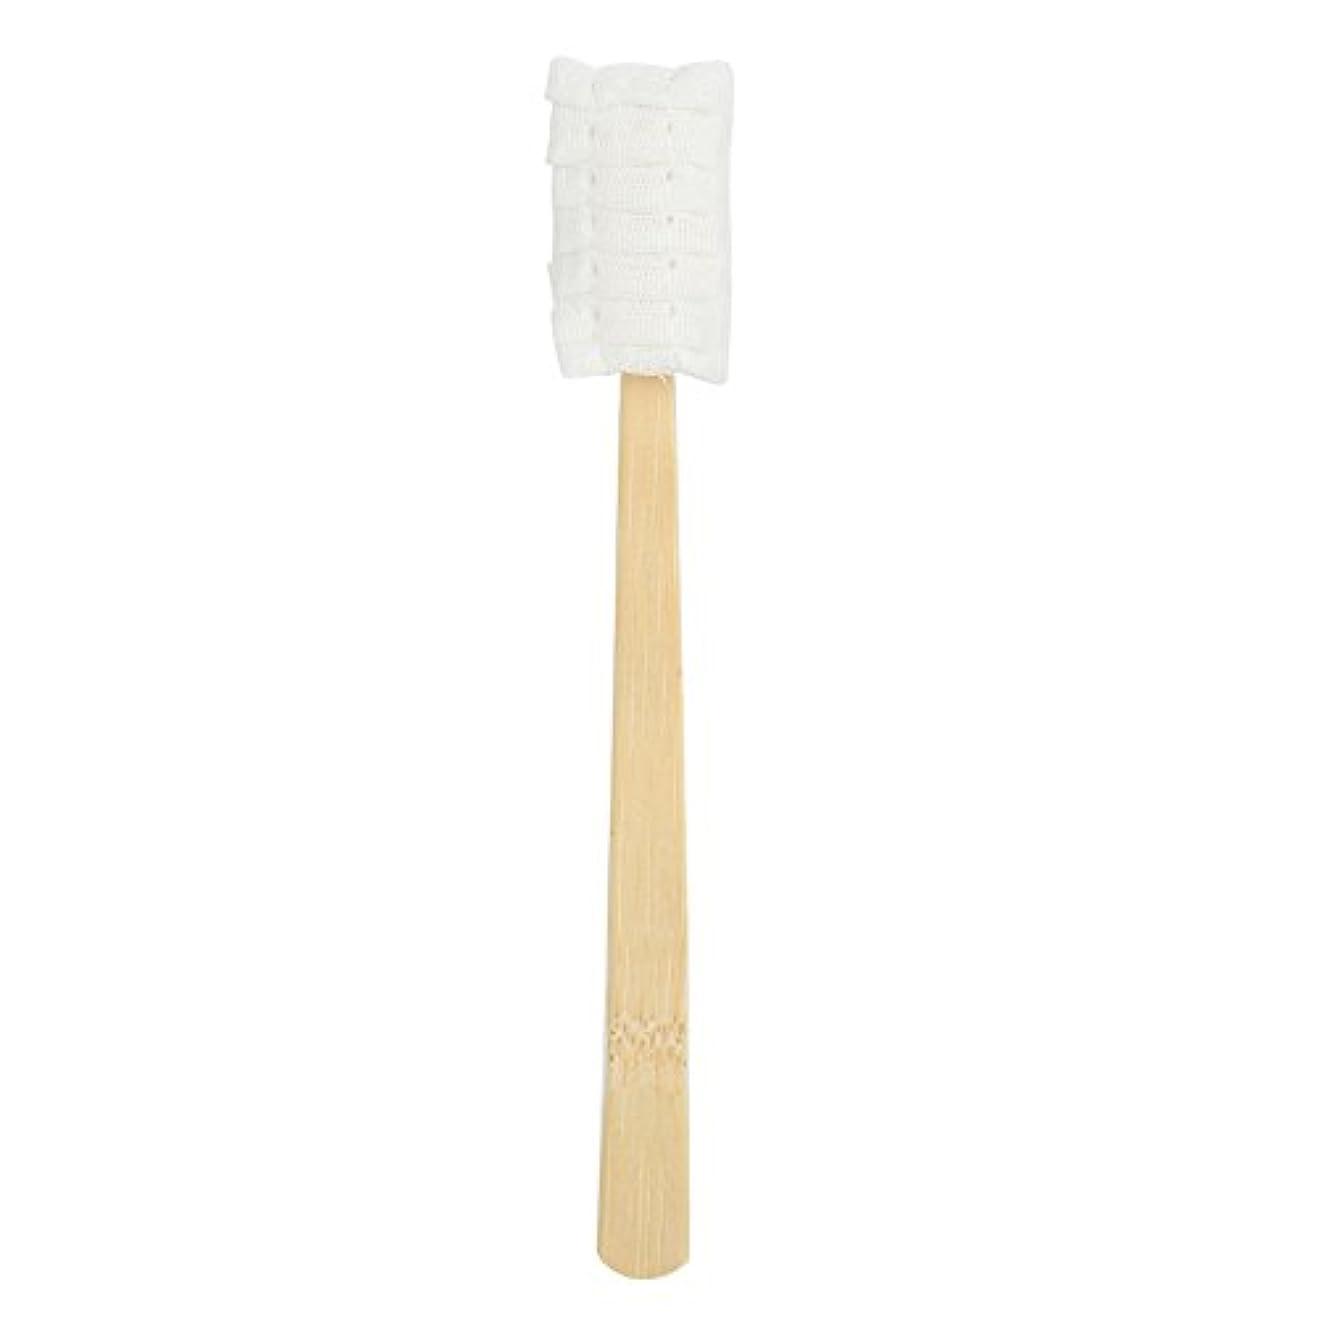 オーバーラン毎年指30pcs使い捨てマタニティソフトガーゼ歯ブラシ